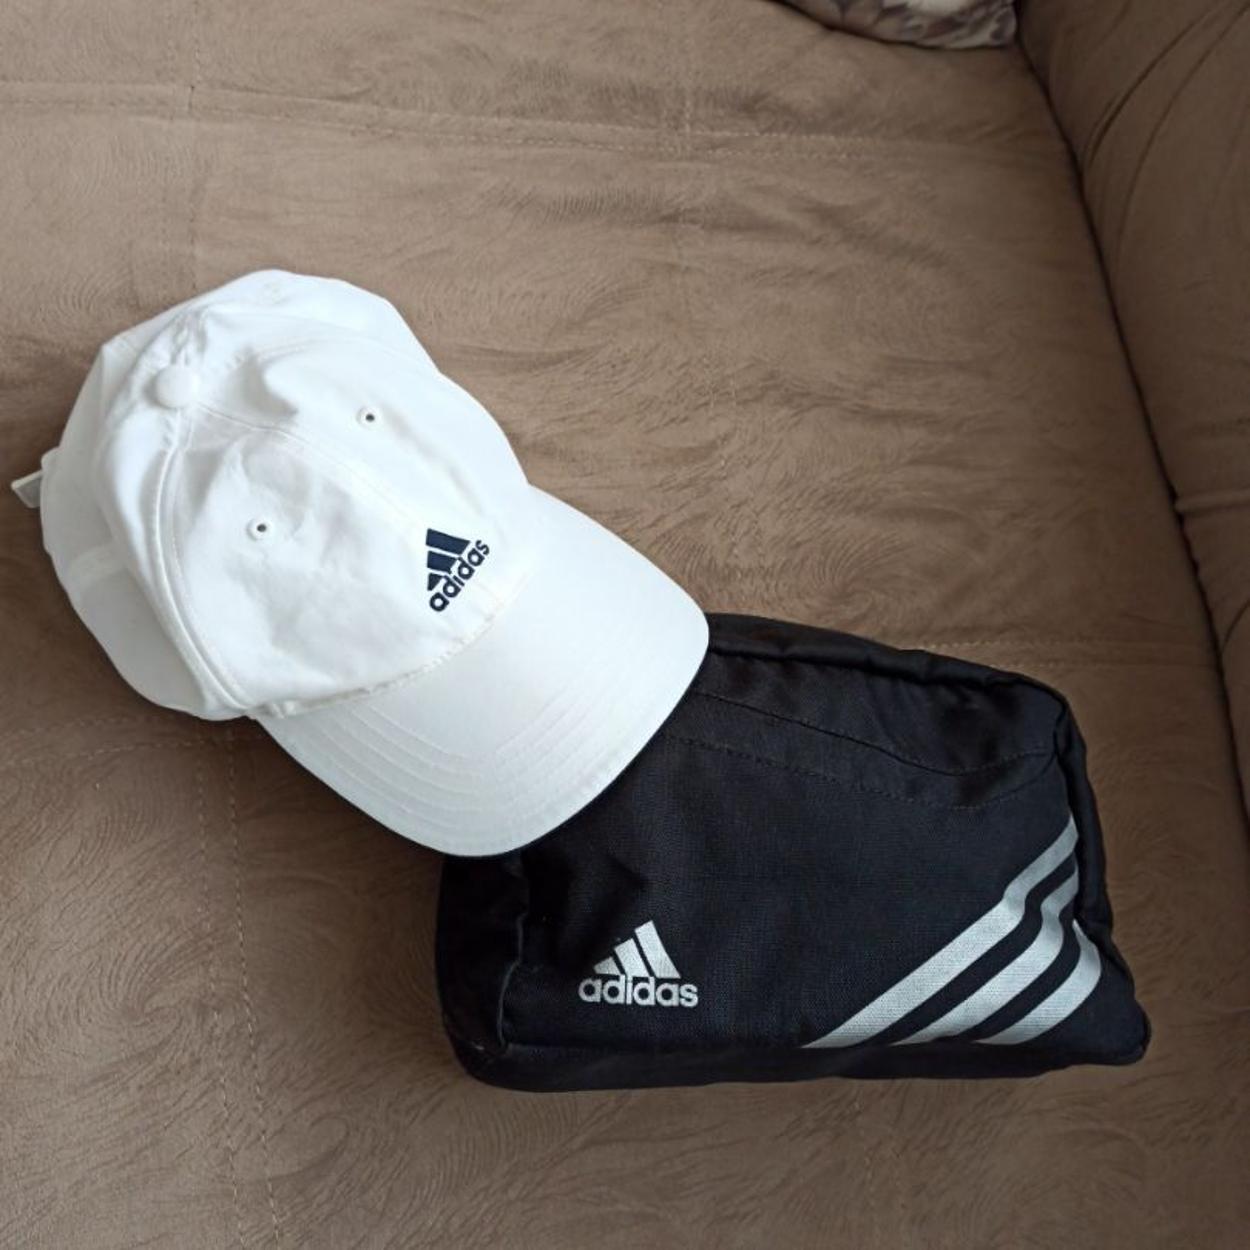 Adidas Portföy/El Çantası